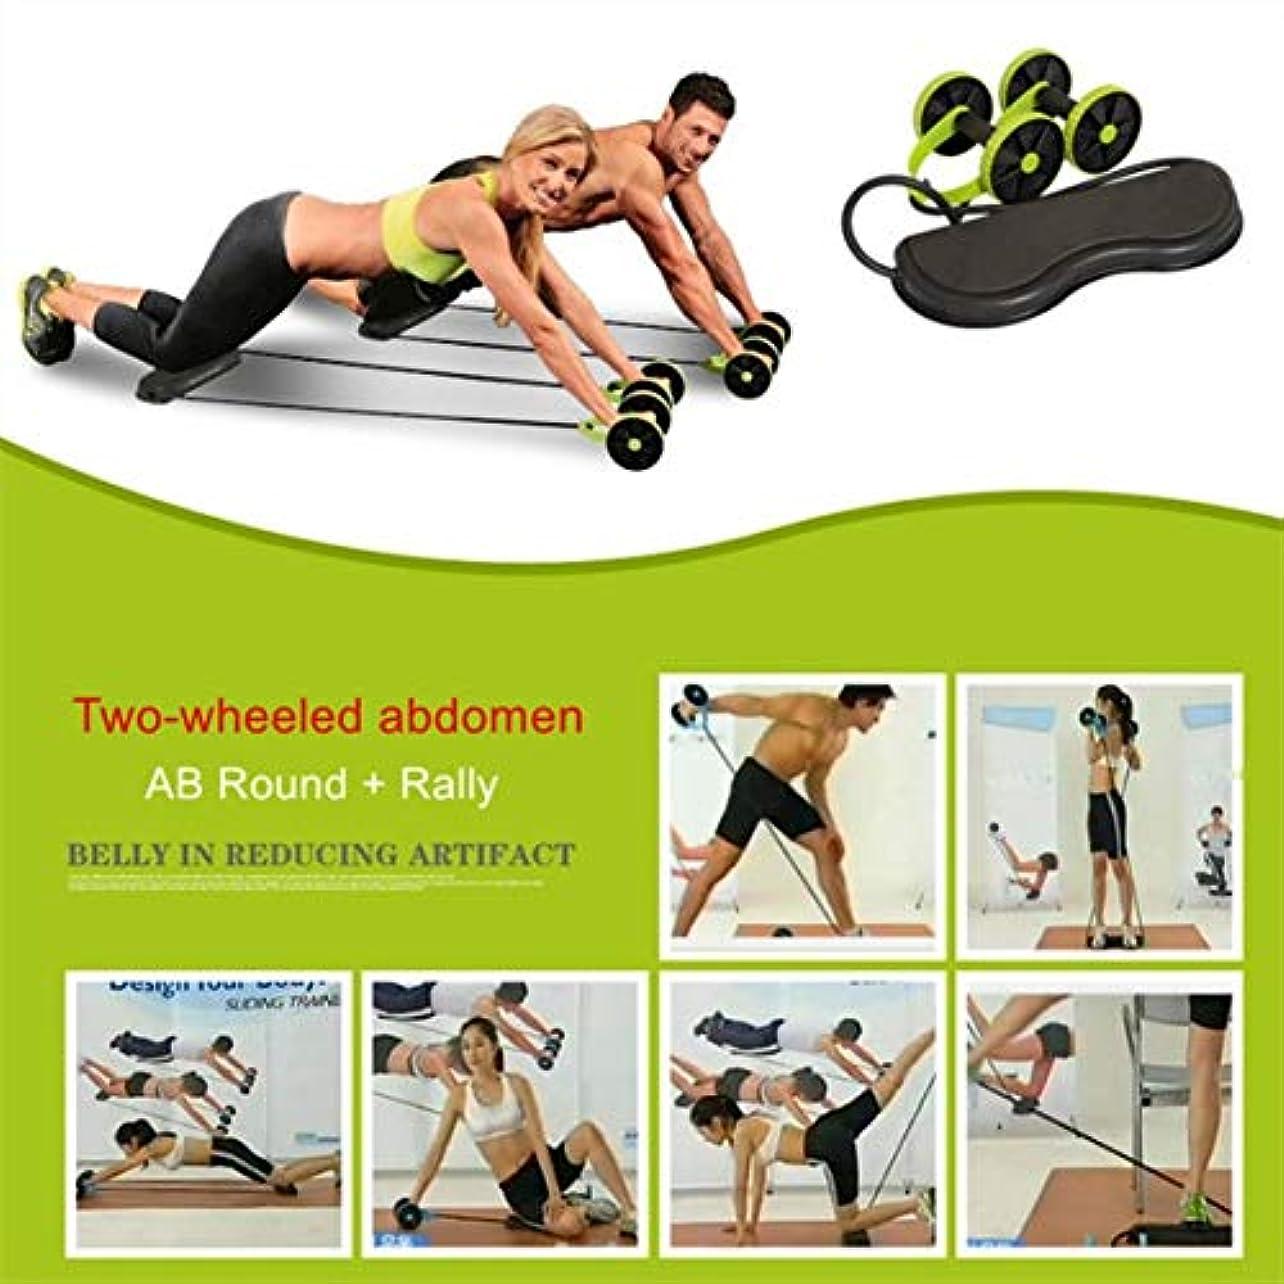 アジア人欠点不愉快JS-04多機能腹輪腹筋輪腹輪テンションロープ筋肉トレーニングマシン(グリーン&ブラック)